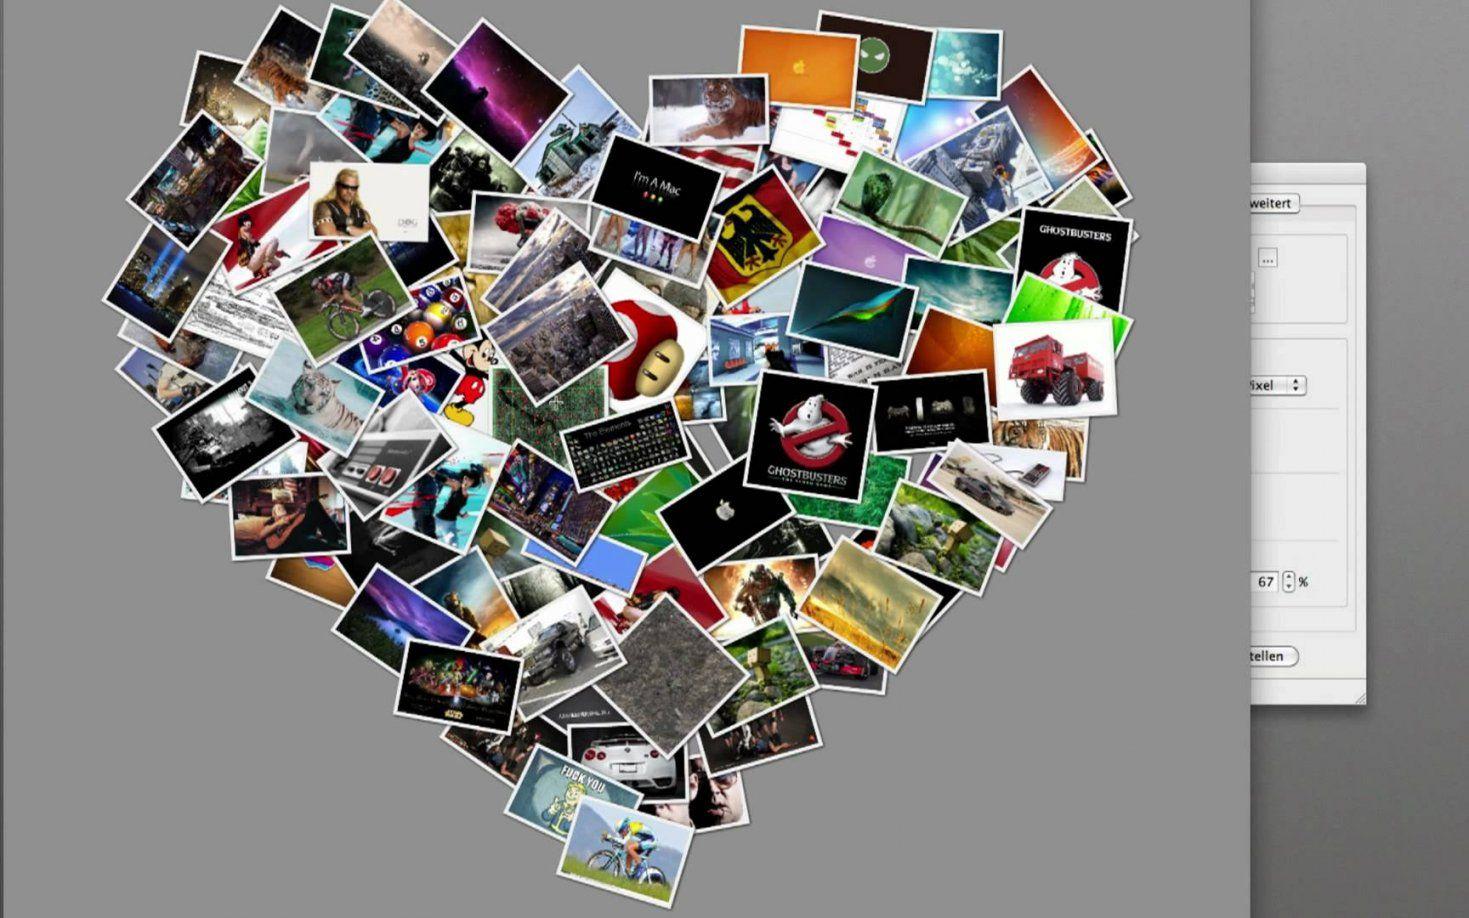 Fotocollage selber machen bildergalerie ideen von - Collage auf leinwand basteln ...